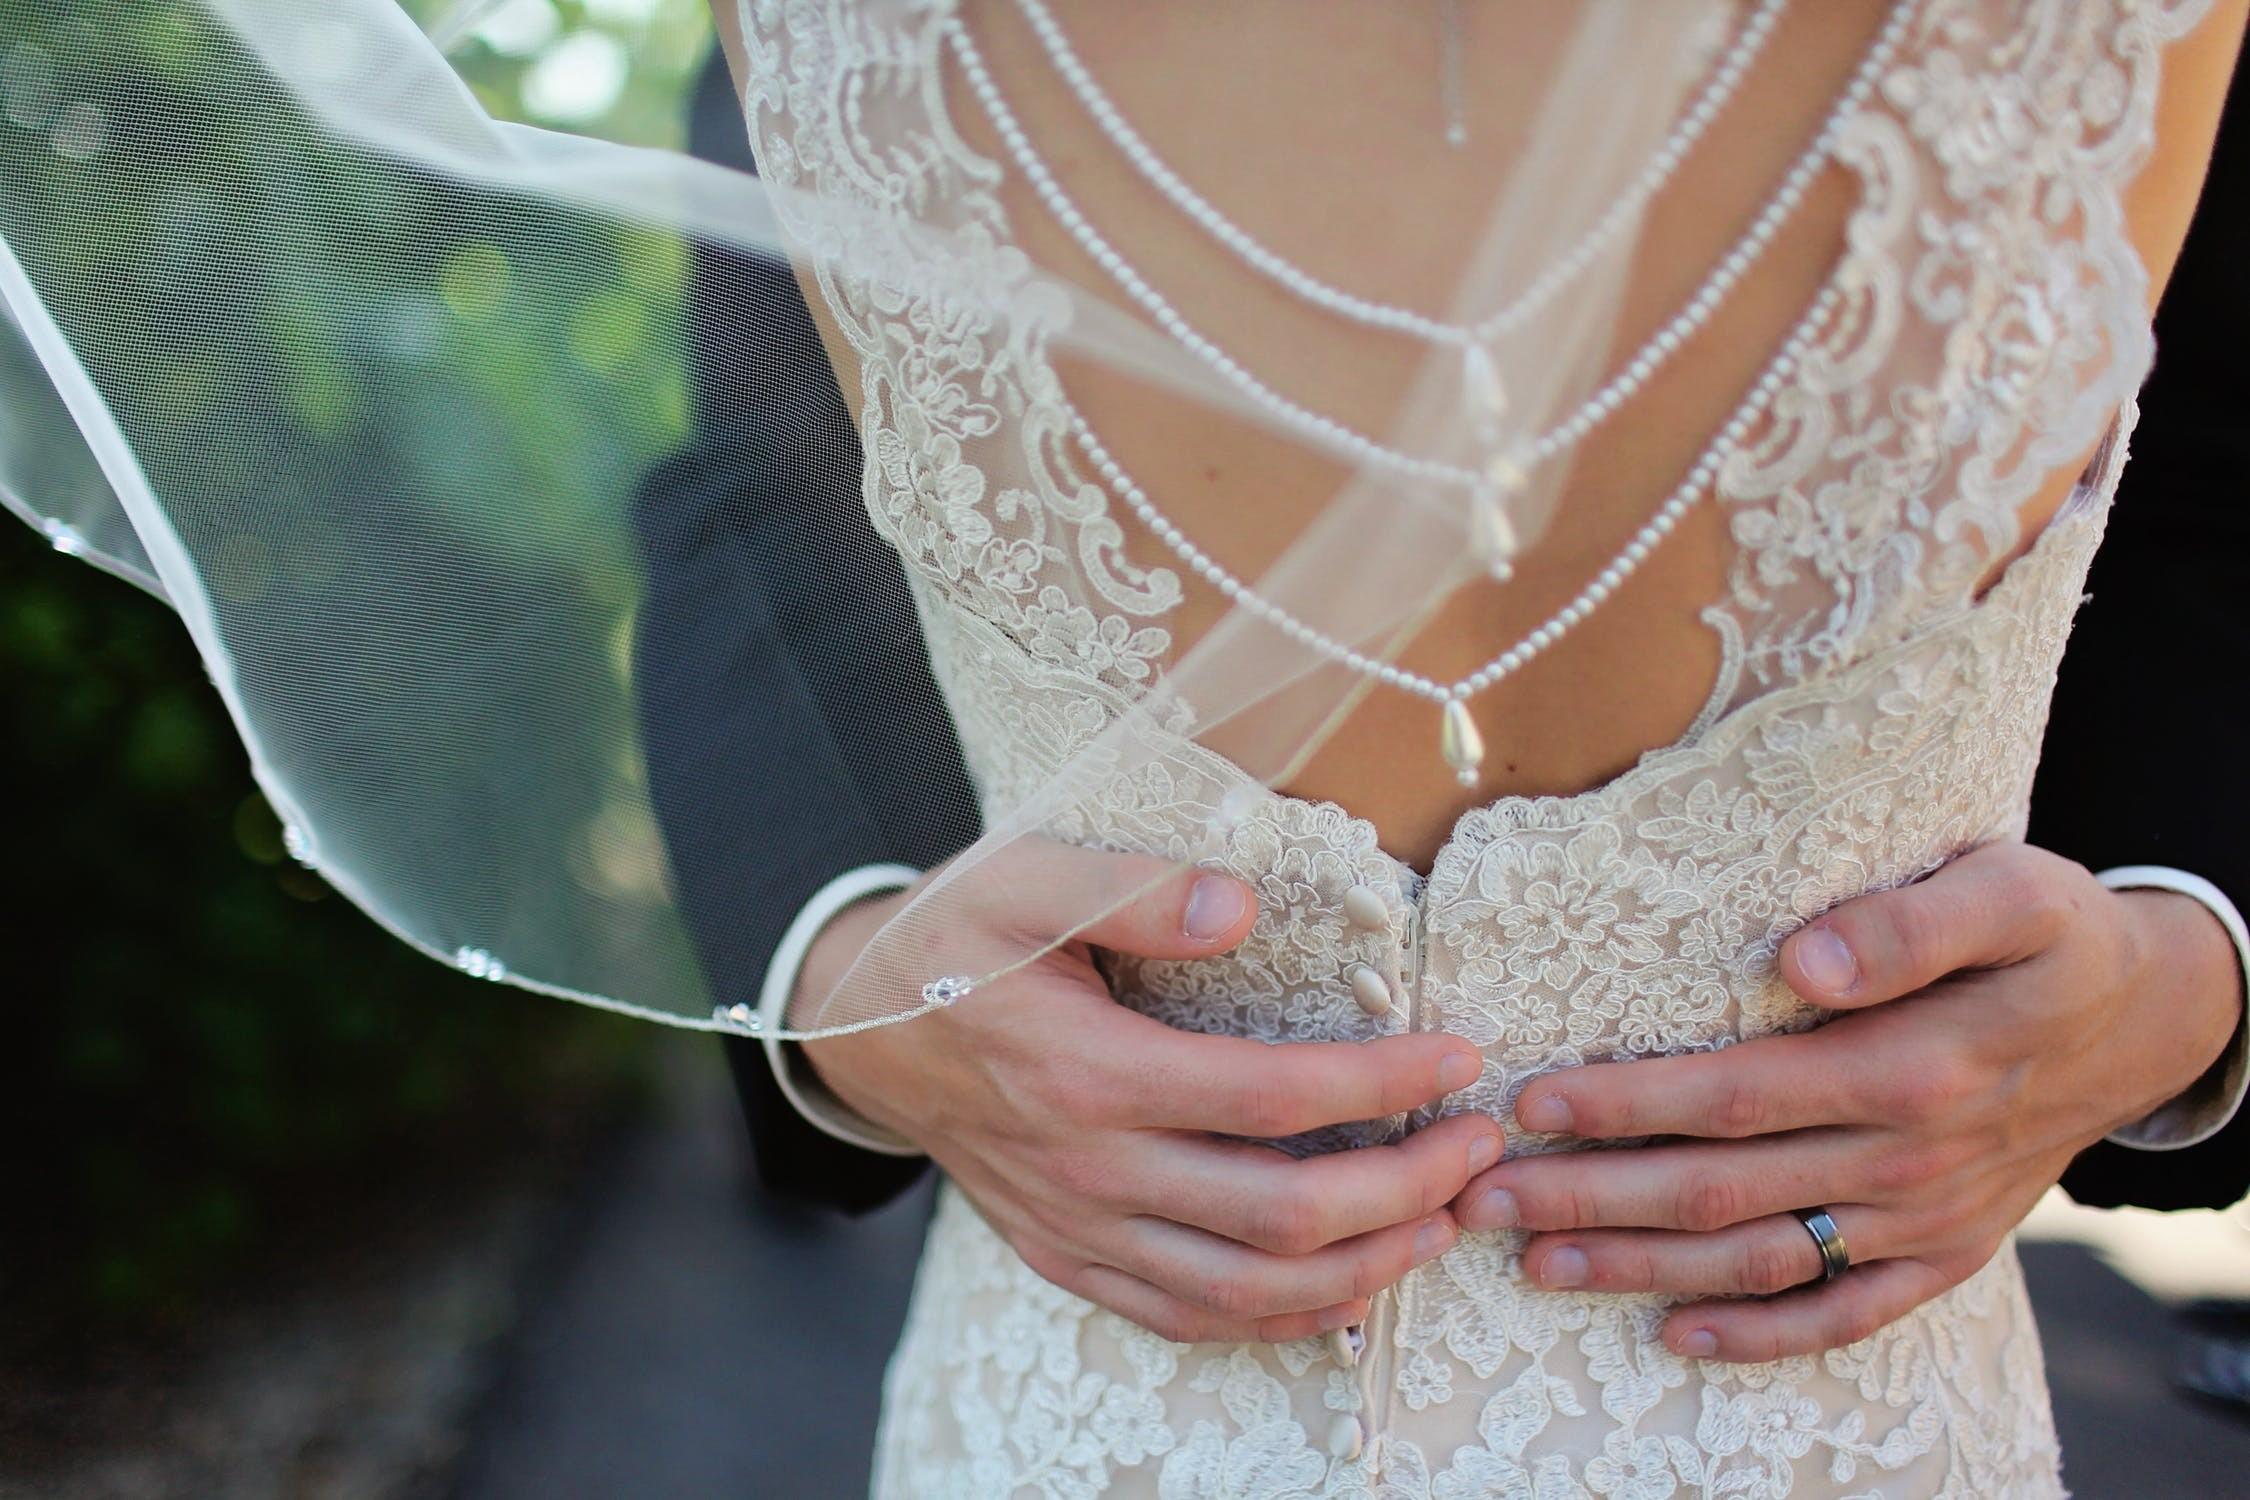 ▲結婚,婚紗,情侶,夫妻,感情,戀愛,甜蜜。(圖/取自免費圖庫PEXELS)